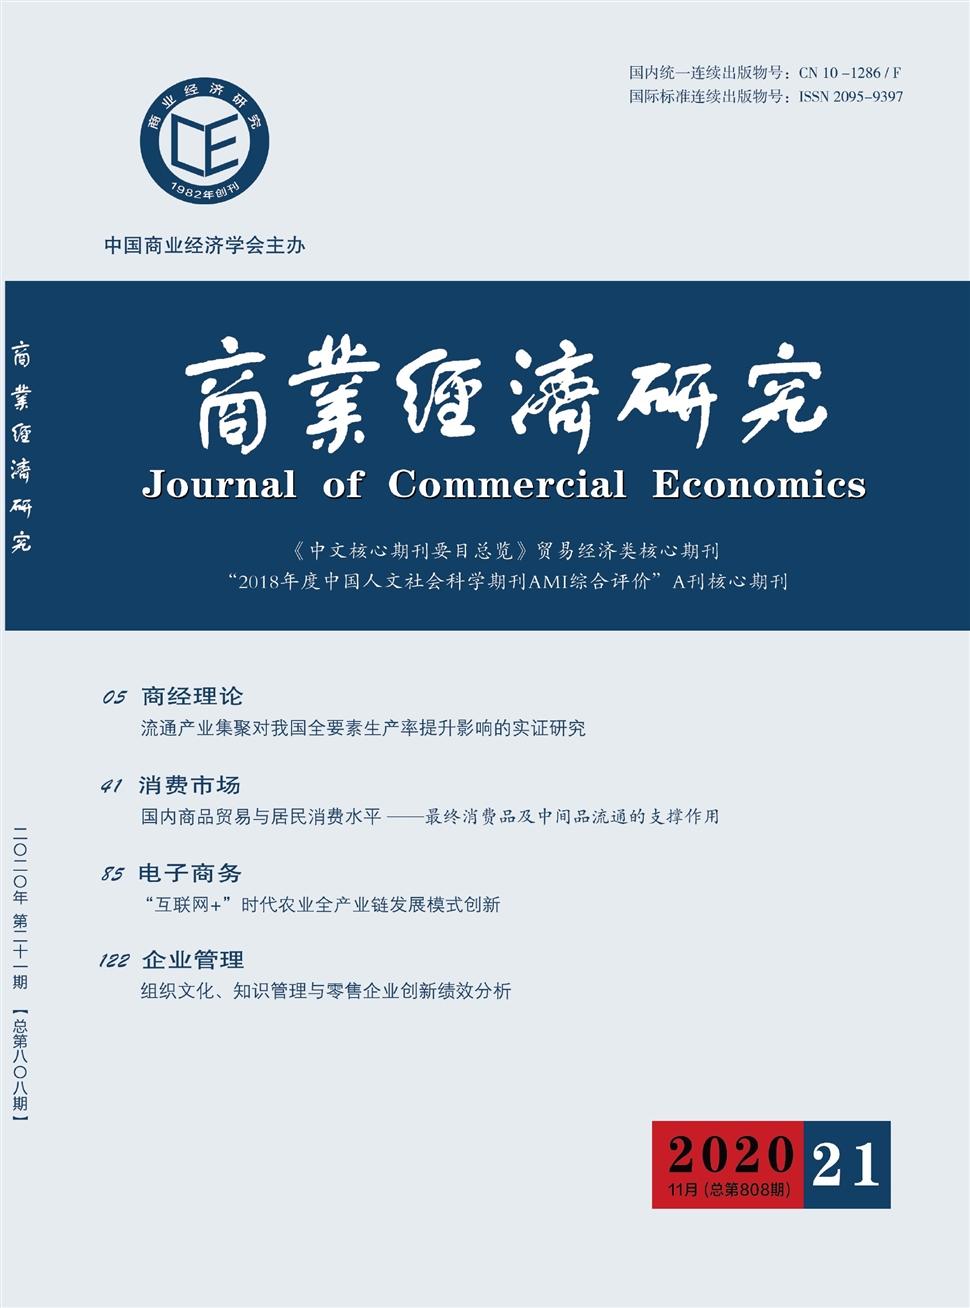 《商业经济研究》